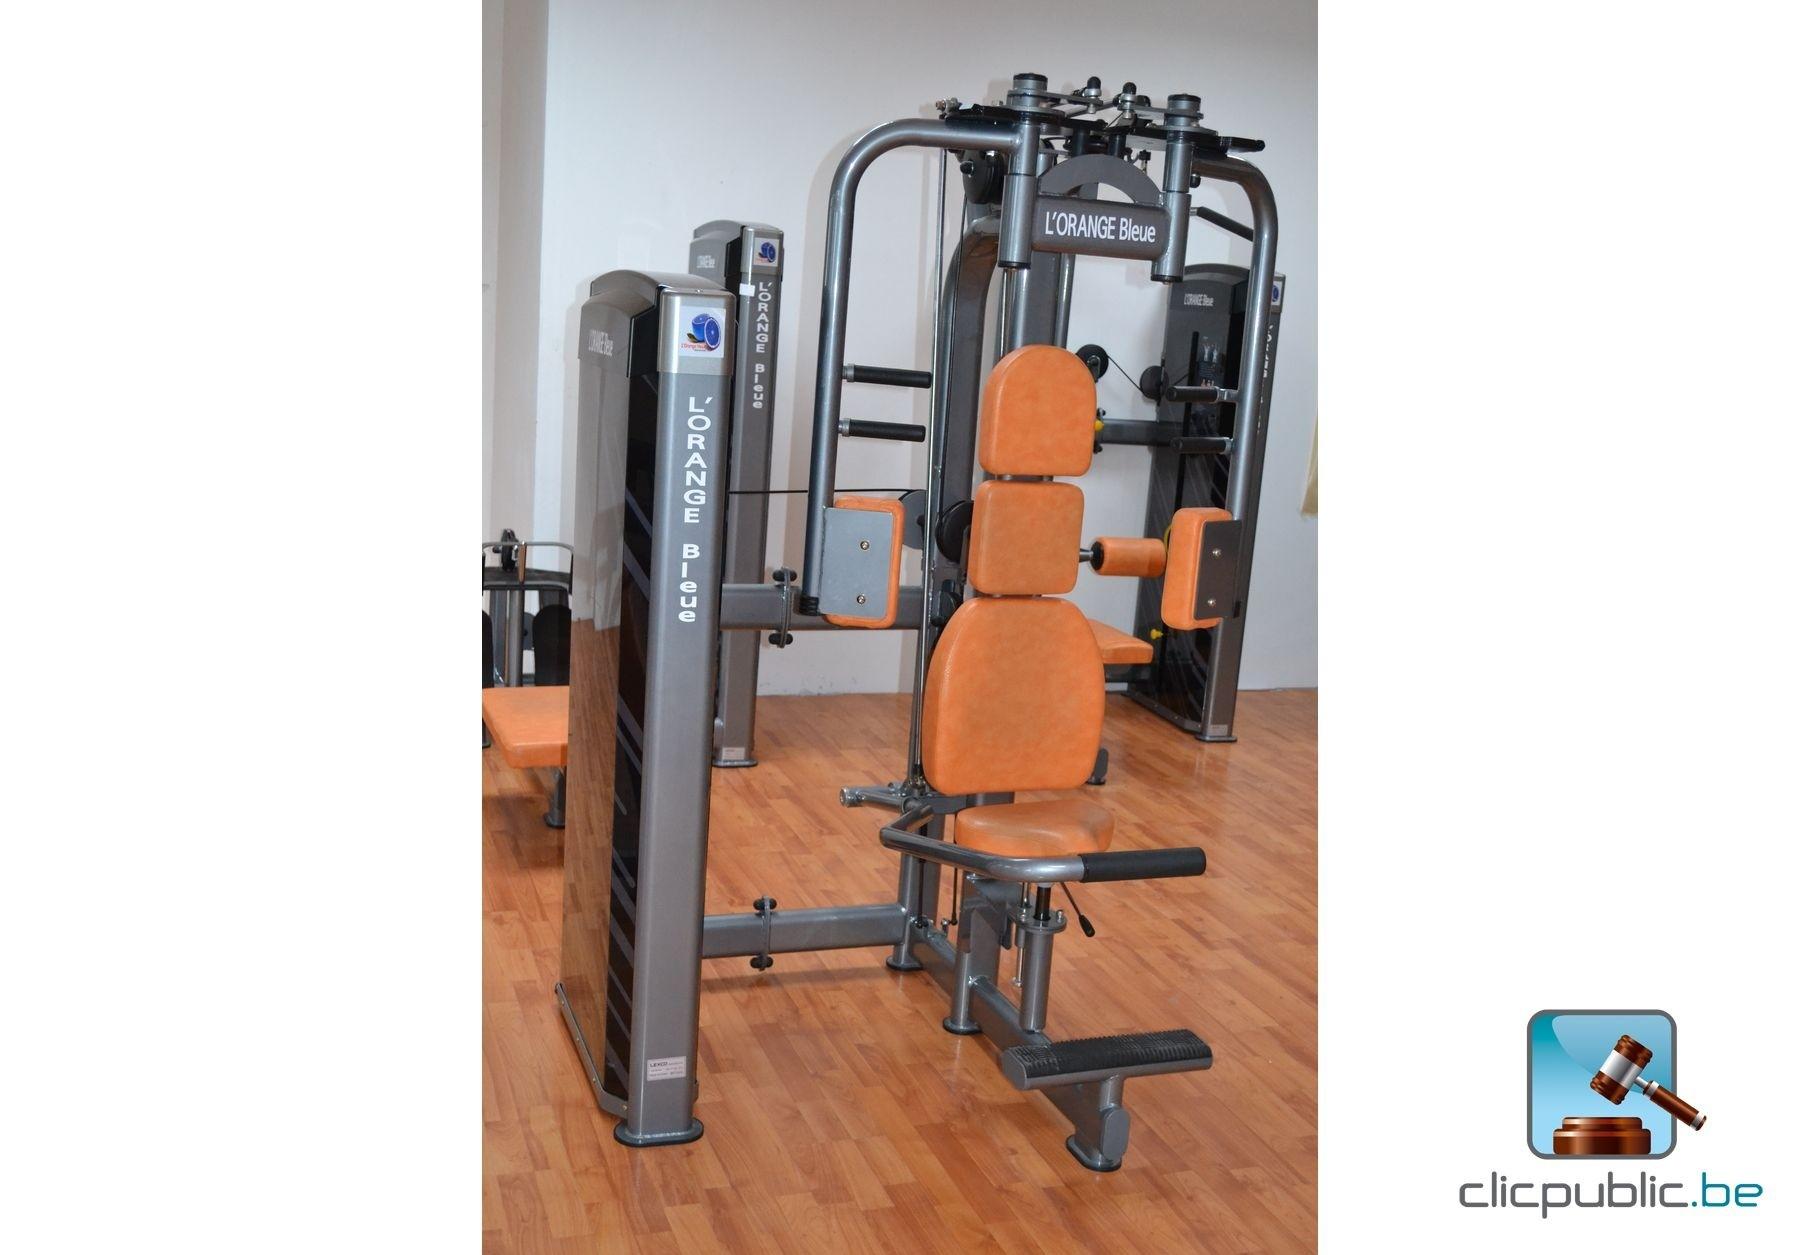 Appareil de musculation vendre sur - Vente appareil musculation ...